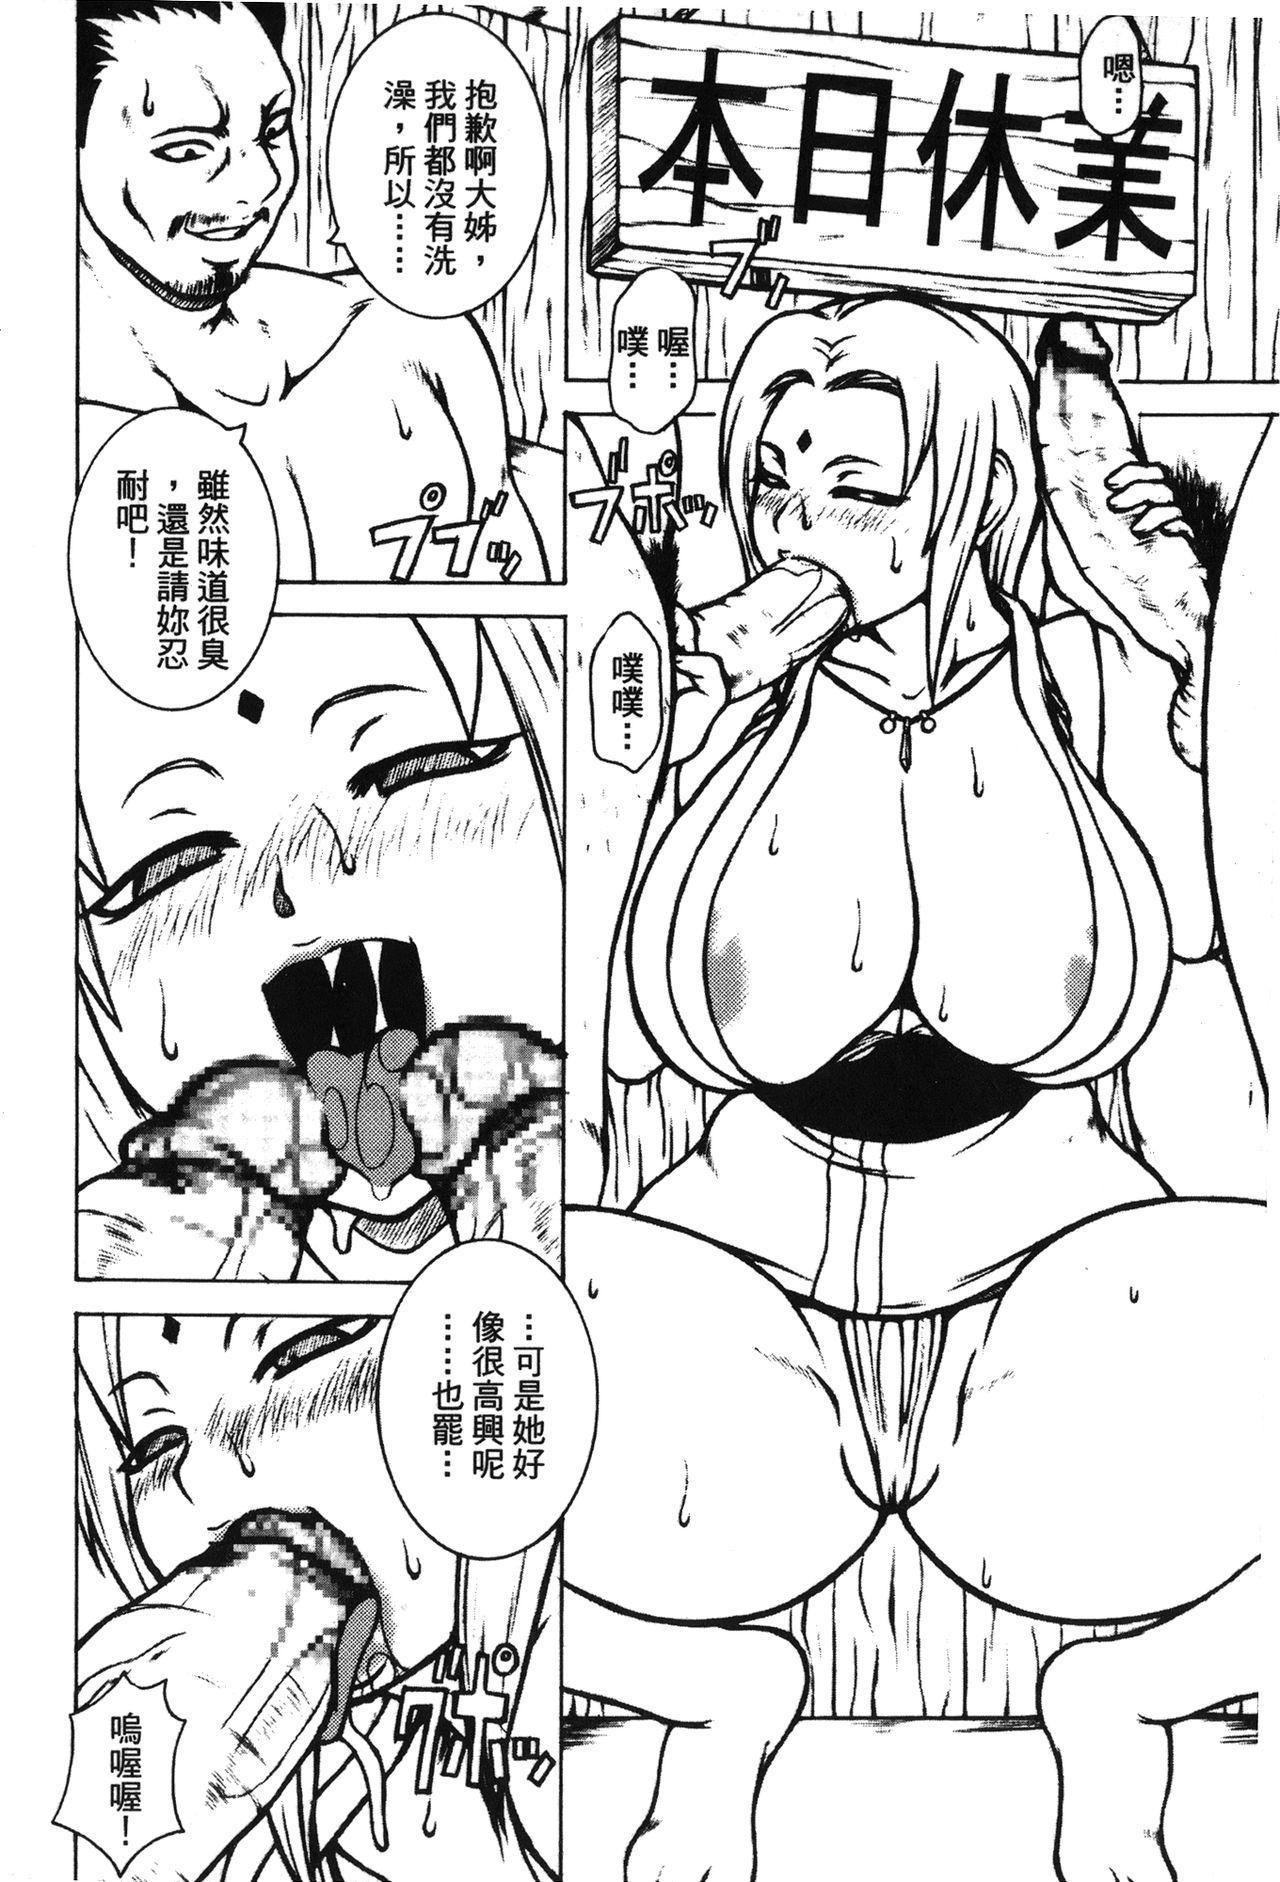 naruto ninja biography vol.02 130